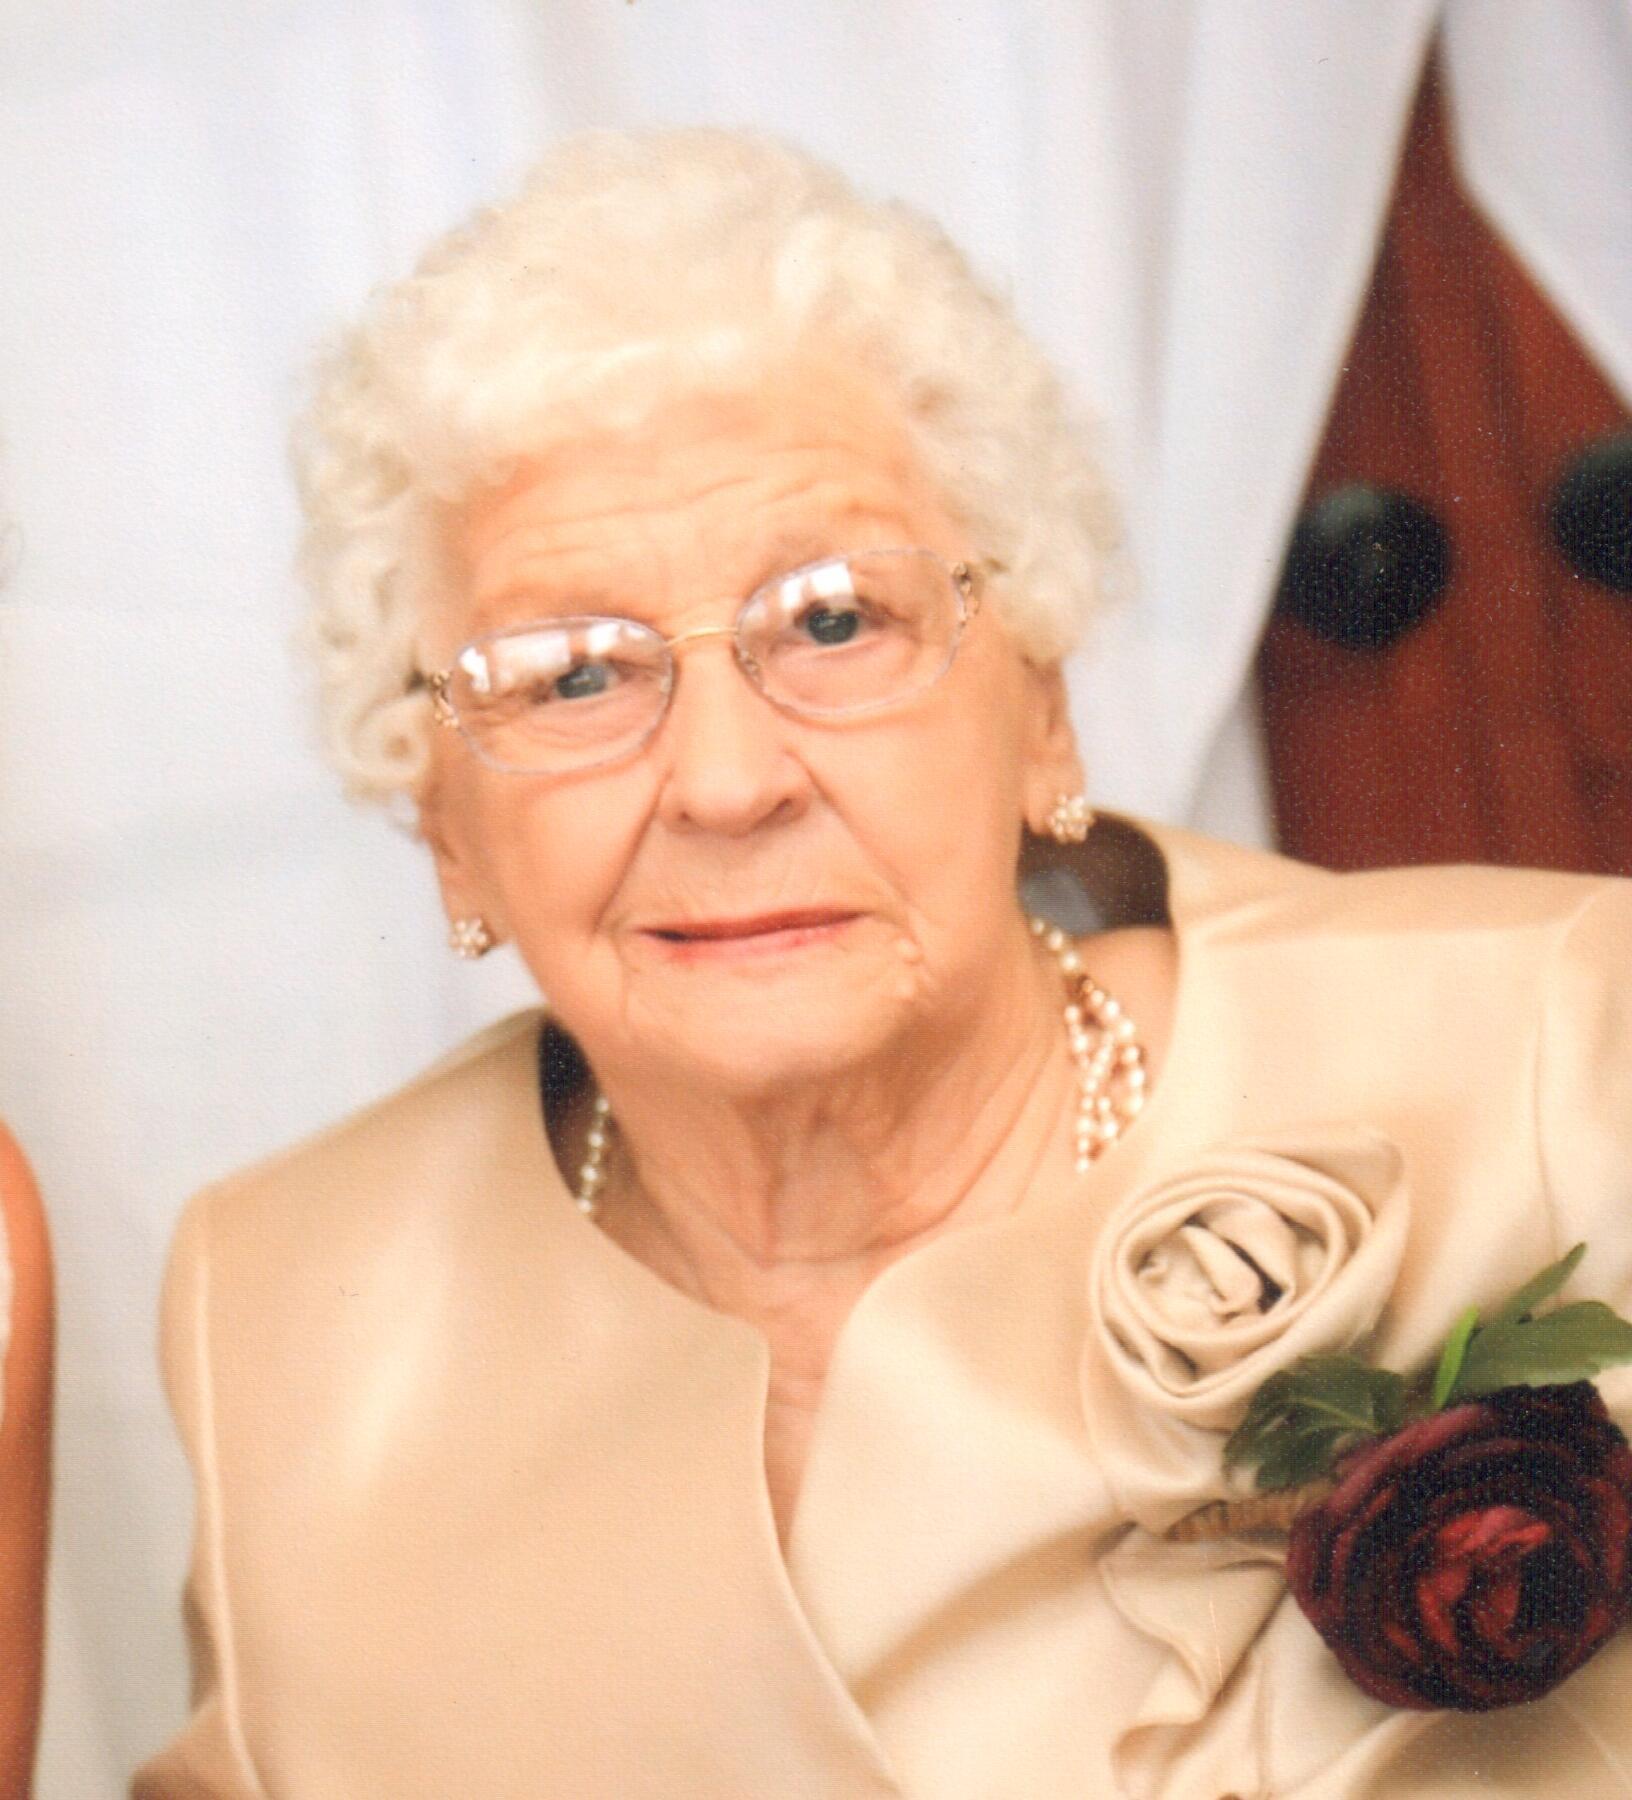 Joyce Mae Stilwell, age 85 of Algiers